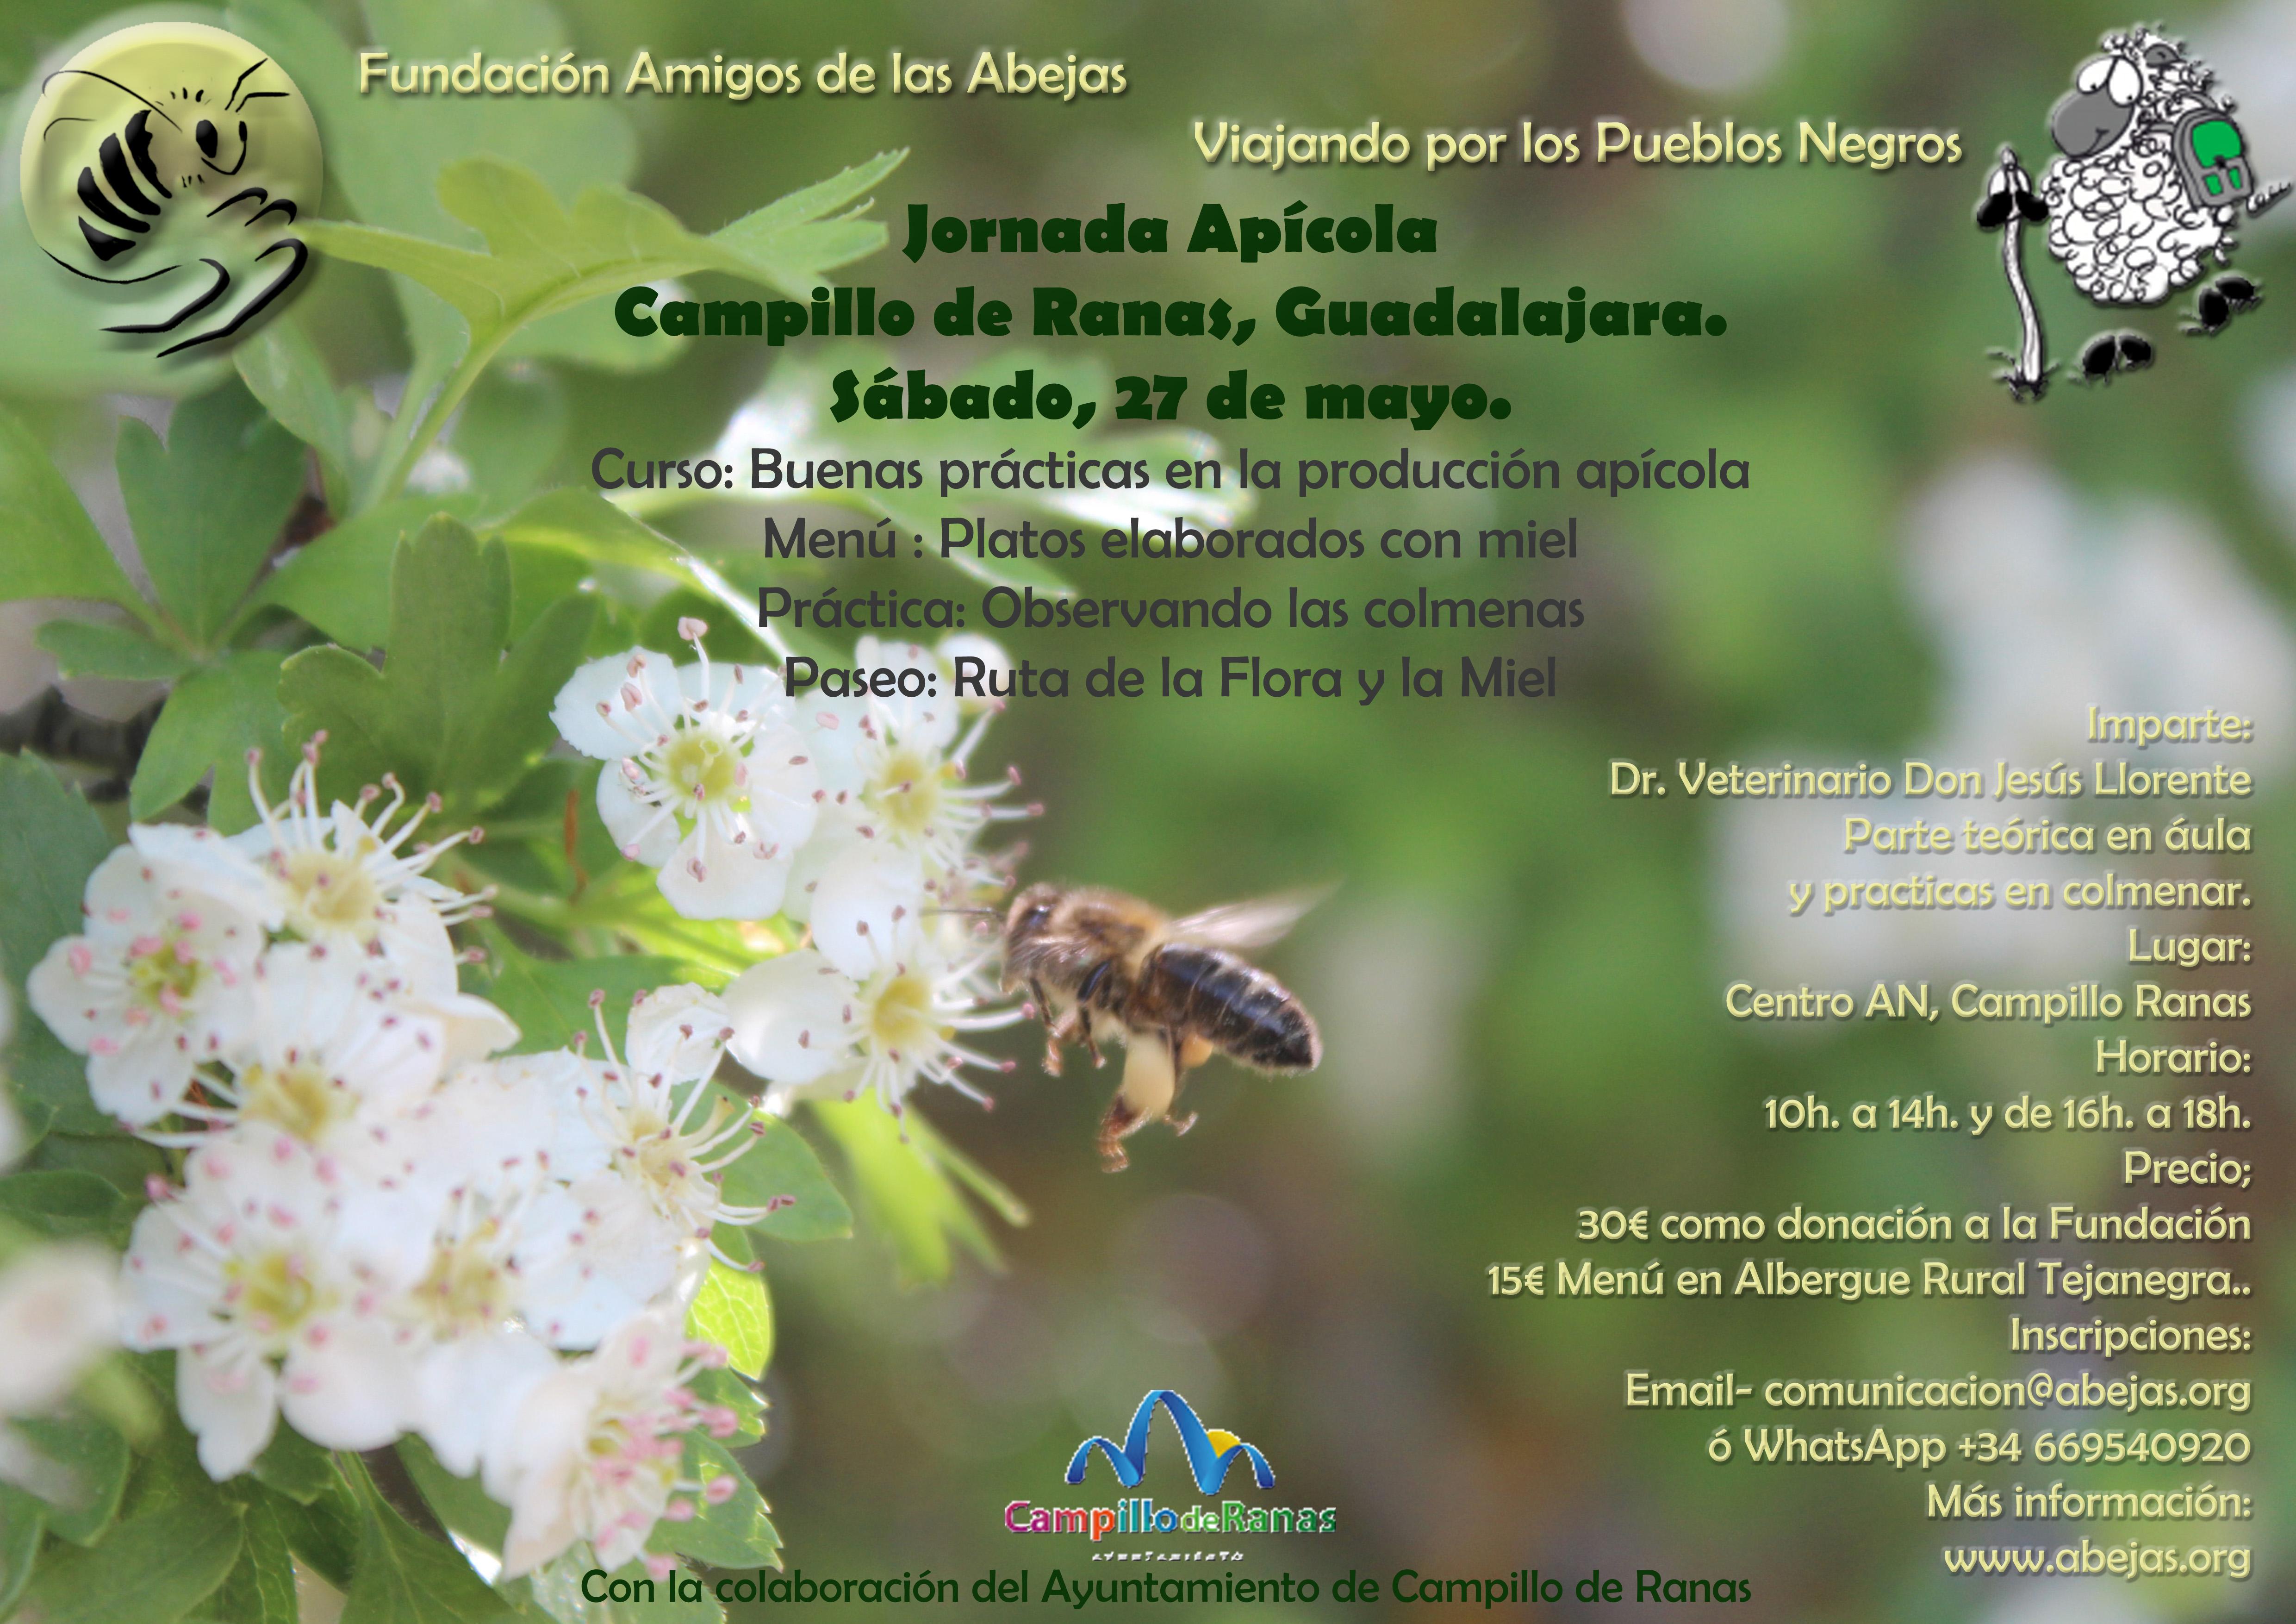 Jornada Apícola en Campillo de Ranas, Guadalajara. Sábado 27 mayo ...